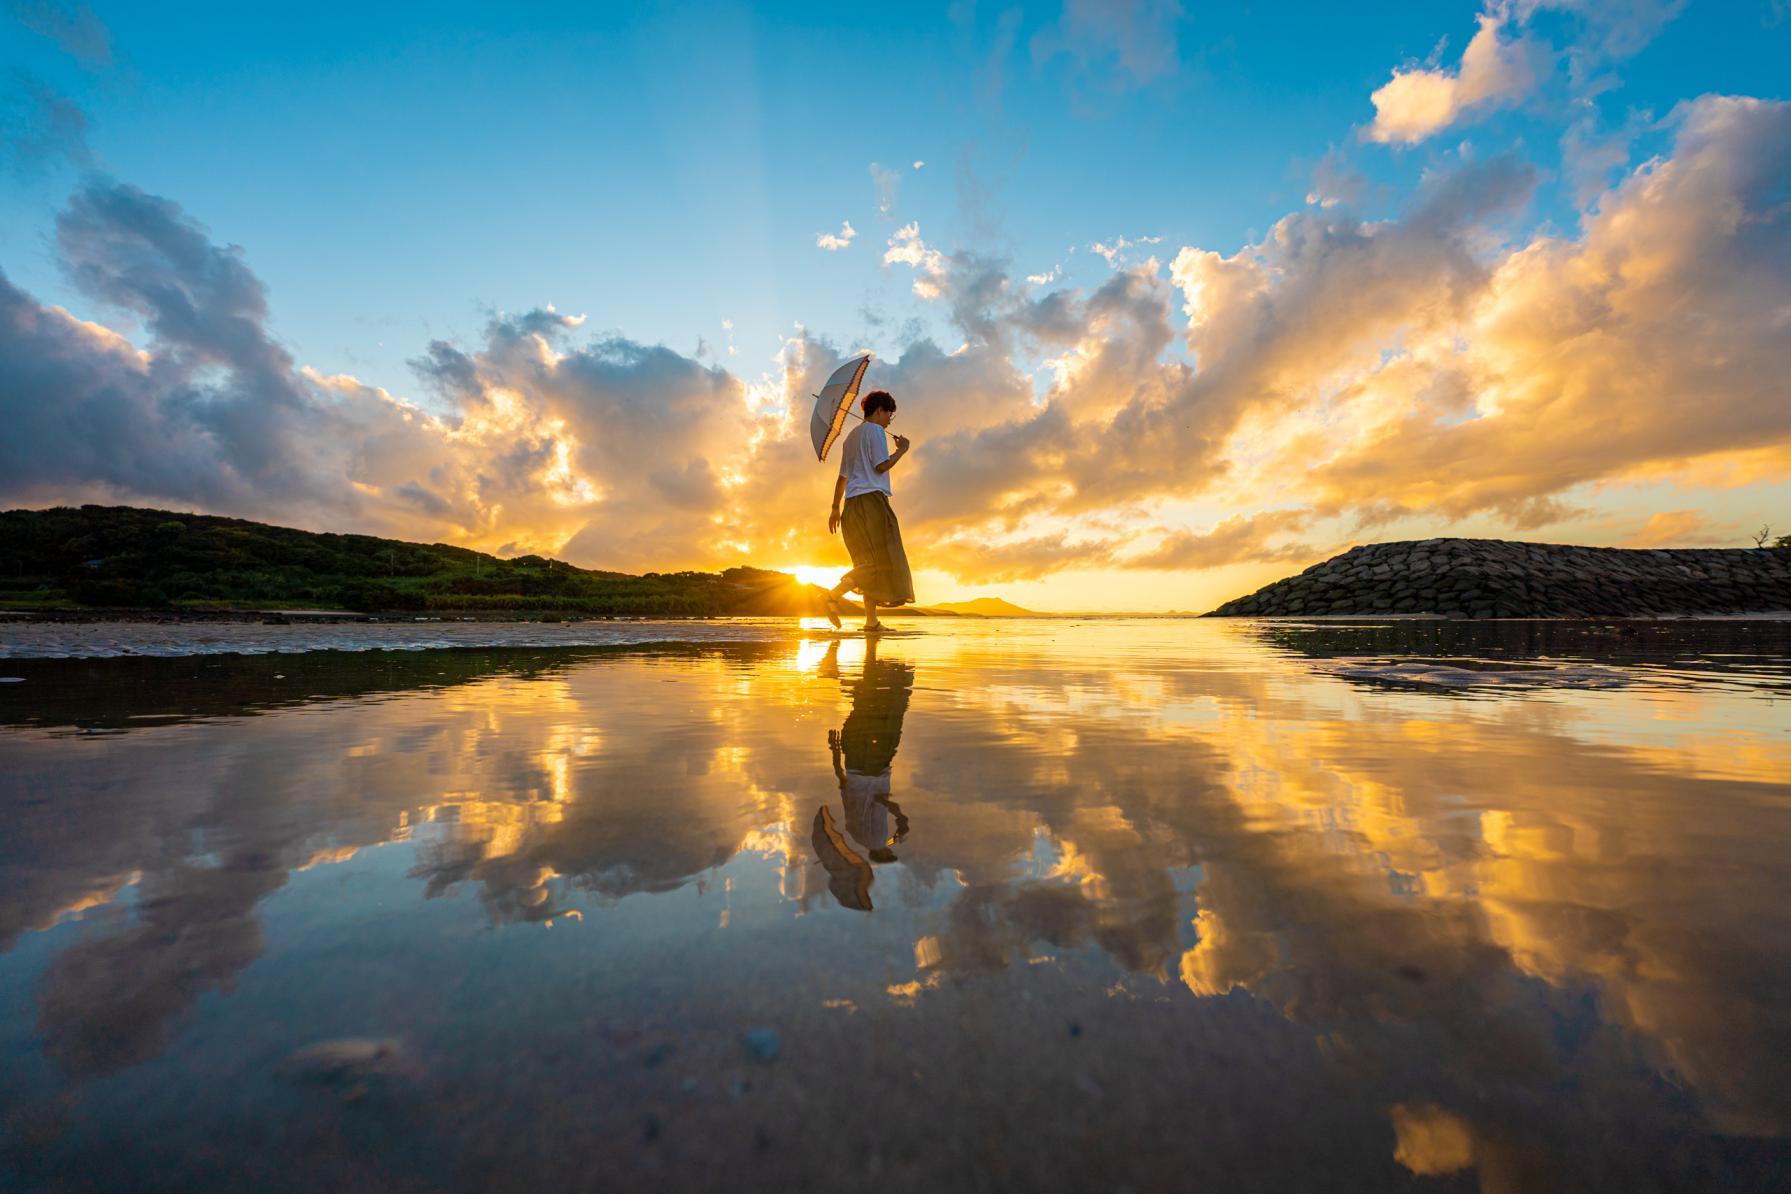 九州のウユニ塩湖・大崎海水浴場で撮る!歓声が上がるほど完璧なリフレクション-4